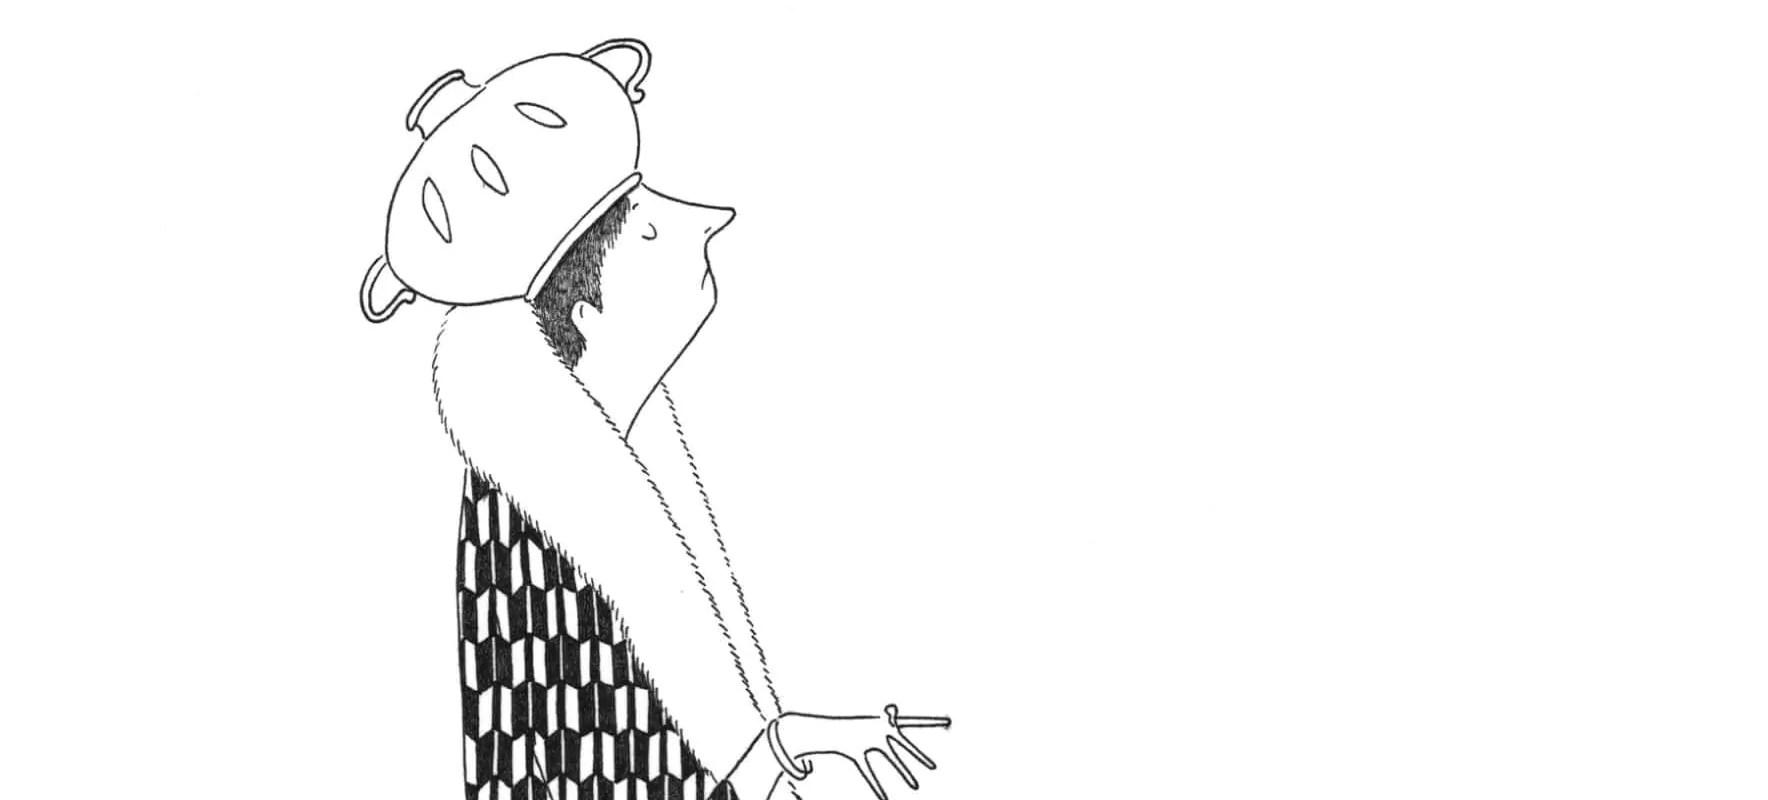 Central Vapeur 7, dix jours dédiés à l'illustration foisonnante